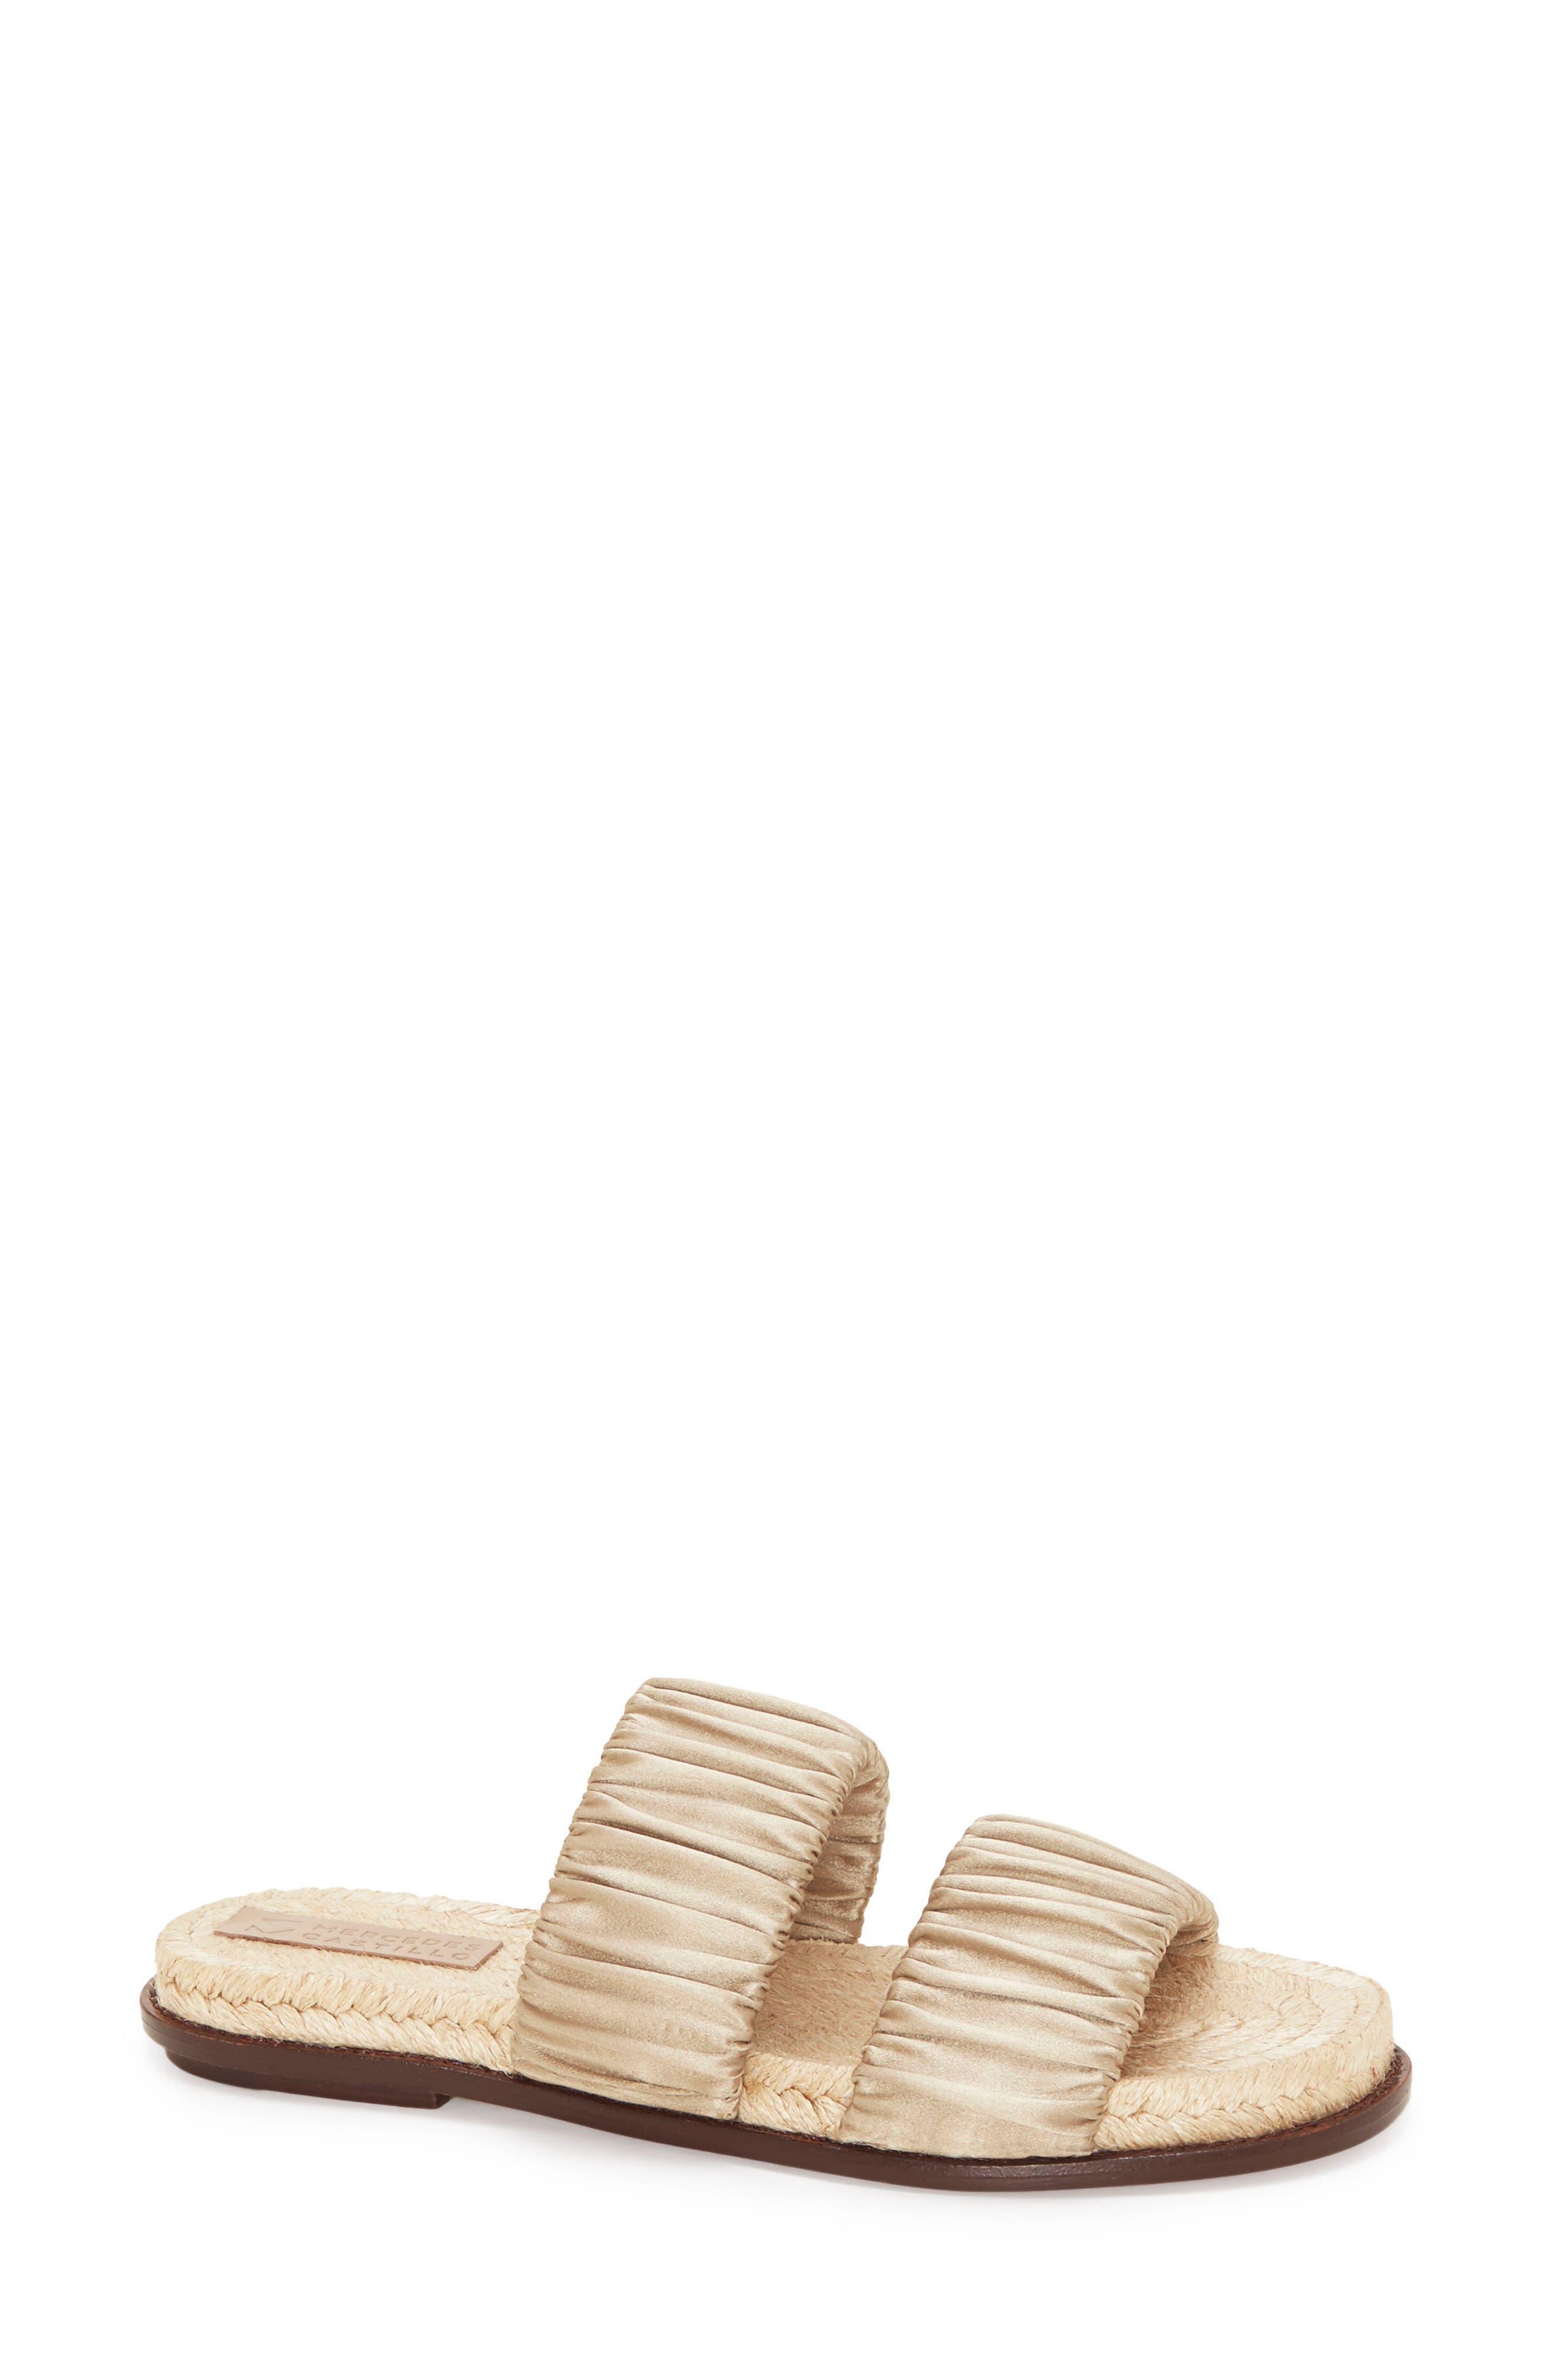 Espadrille Sandal,                         Main,                         color, 250